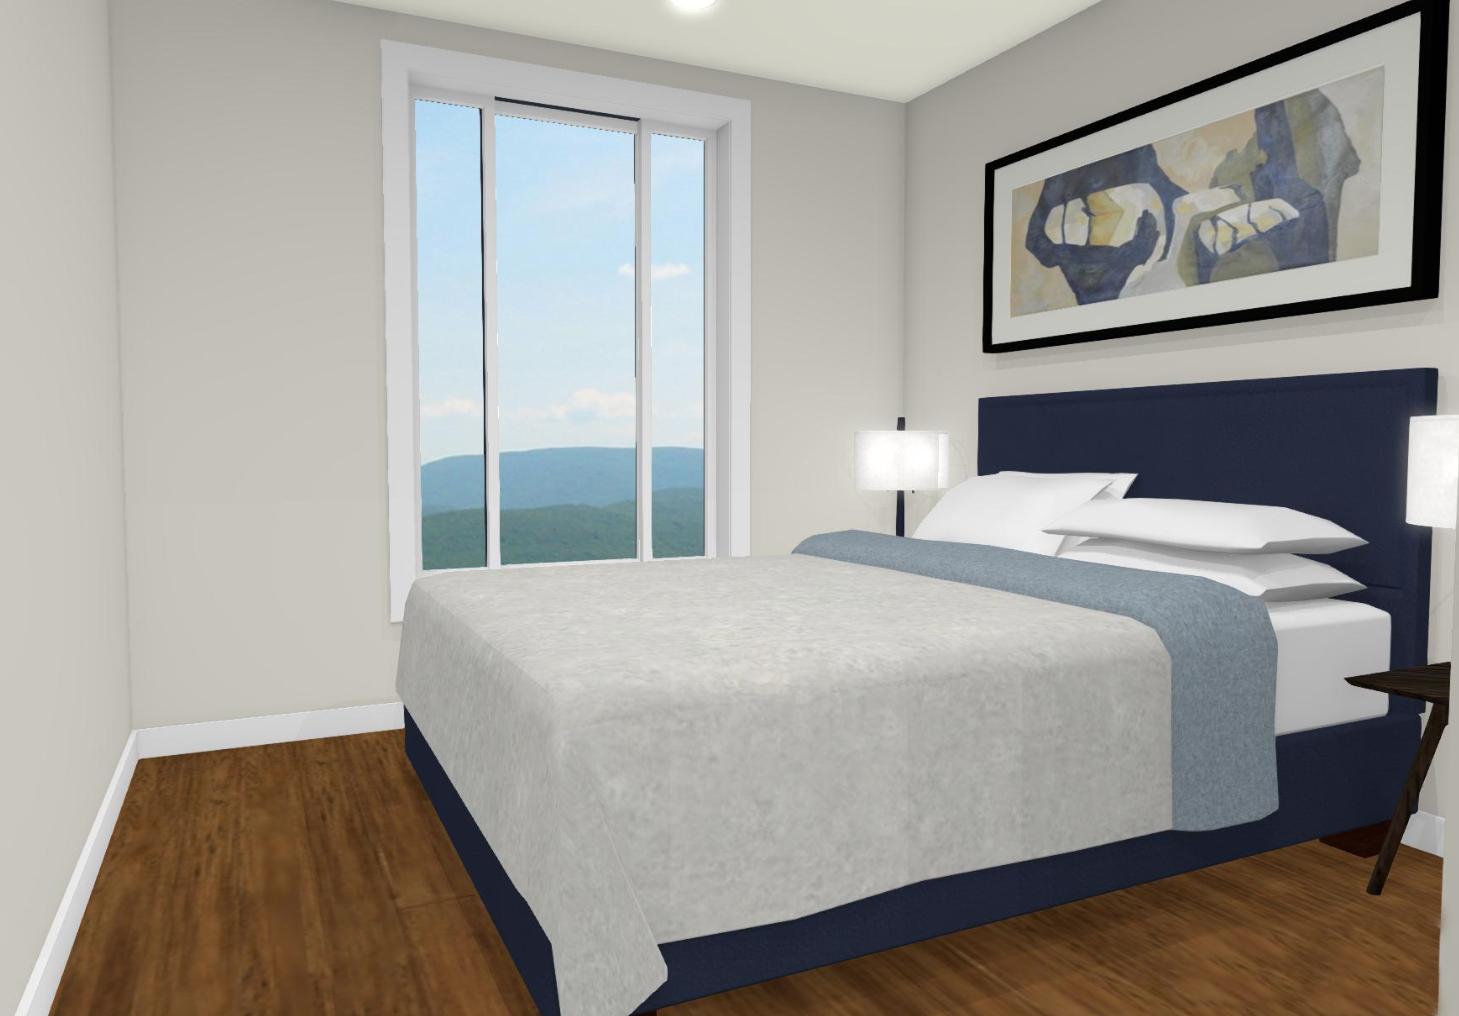 2 Bed Bedroom copy.png